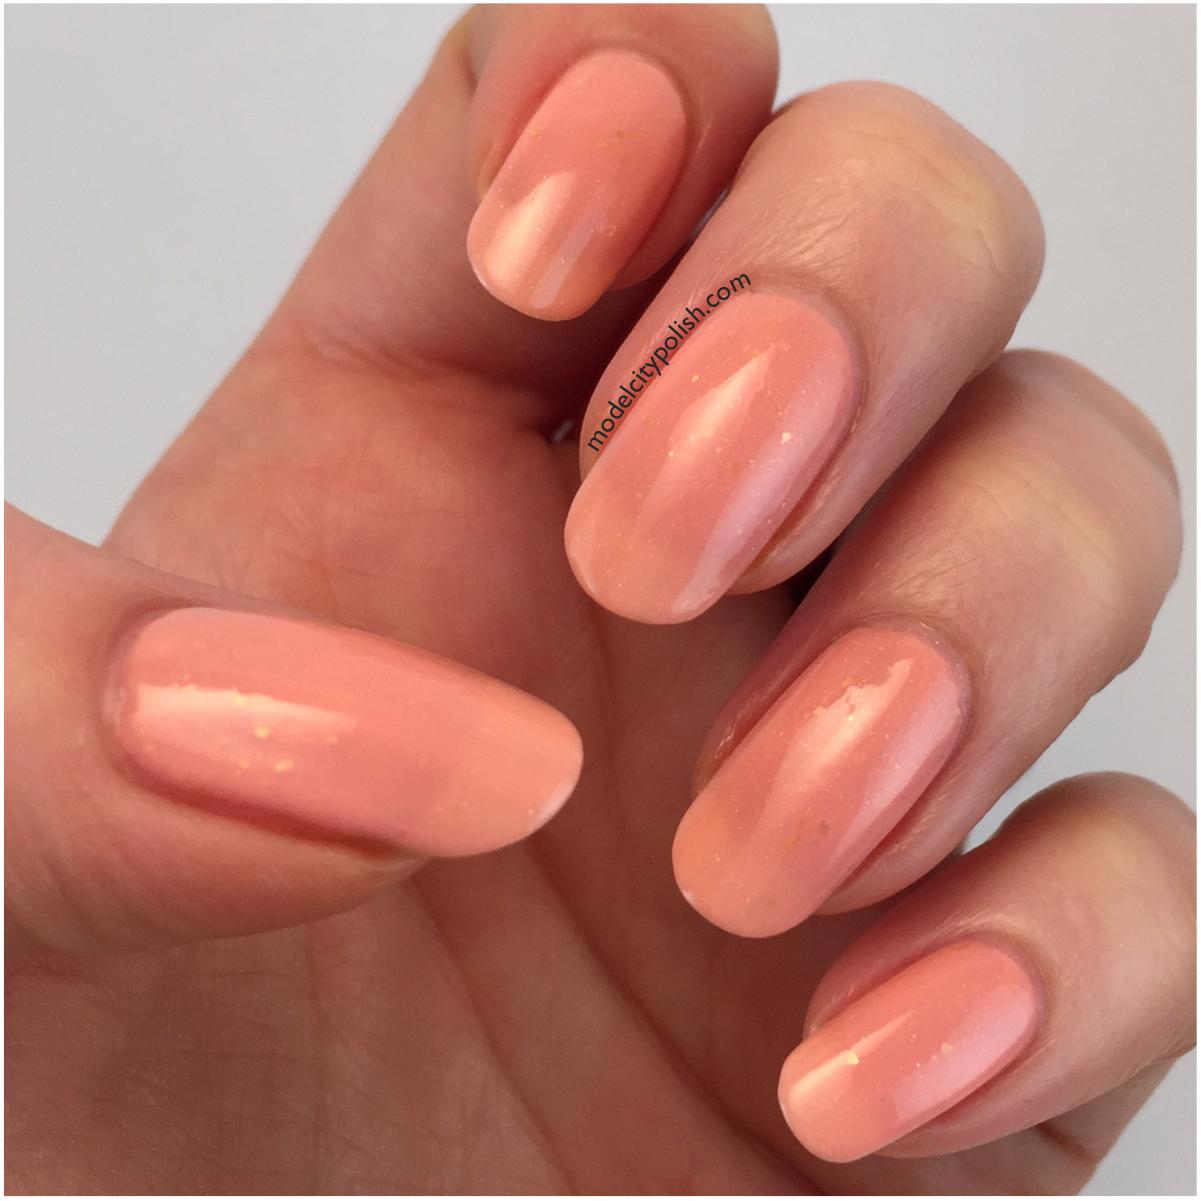 Peachy Keen 3